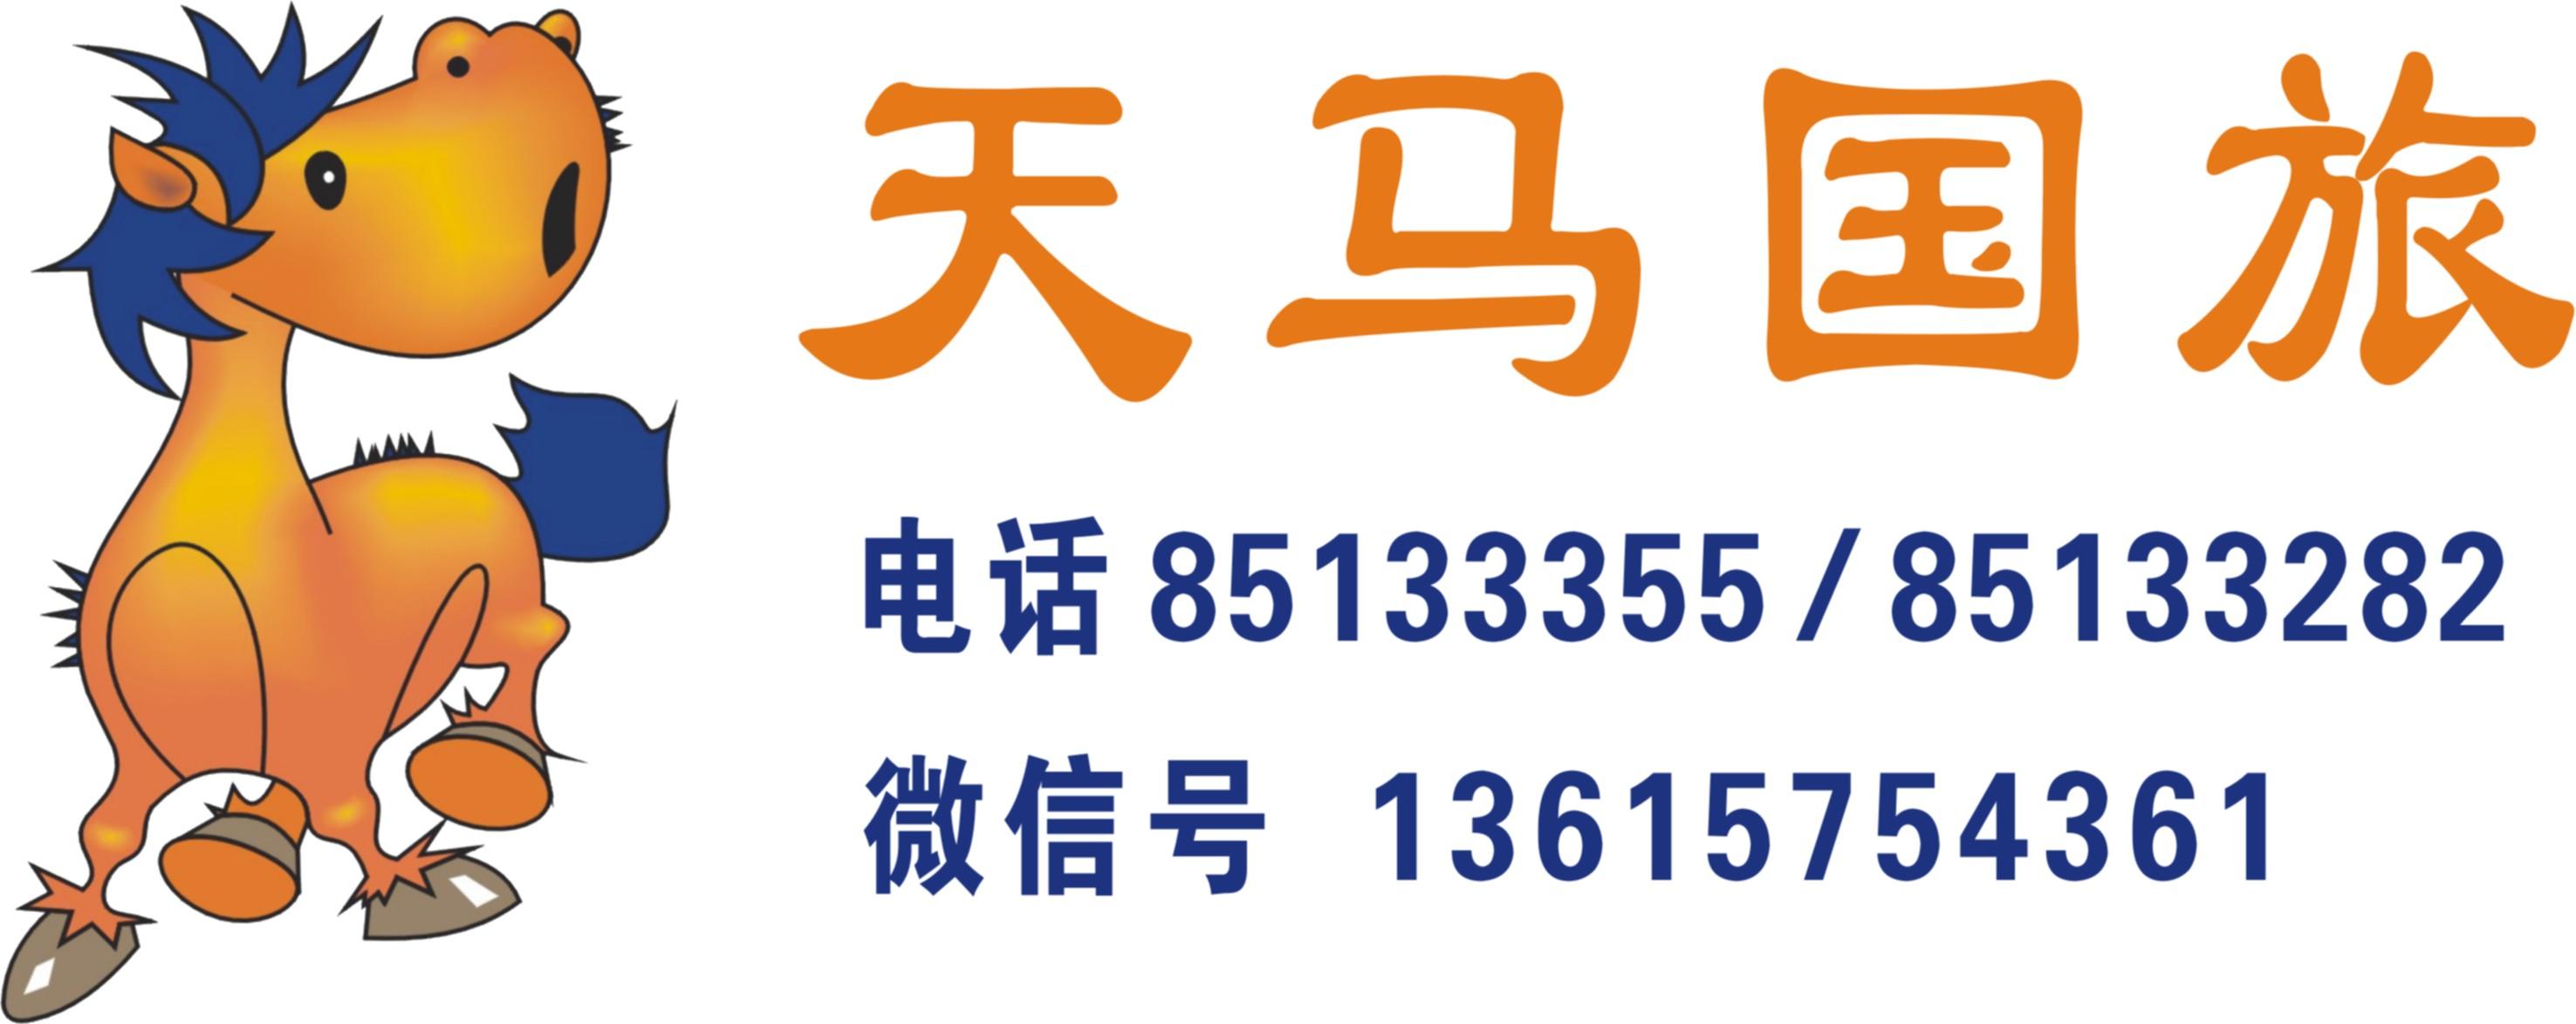 春节【丽水缙云仙都、古堰画乡、云和轻呼吸三日】商务酒店